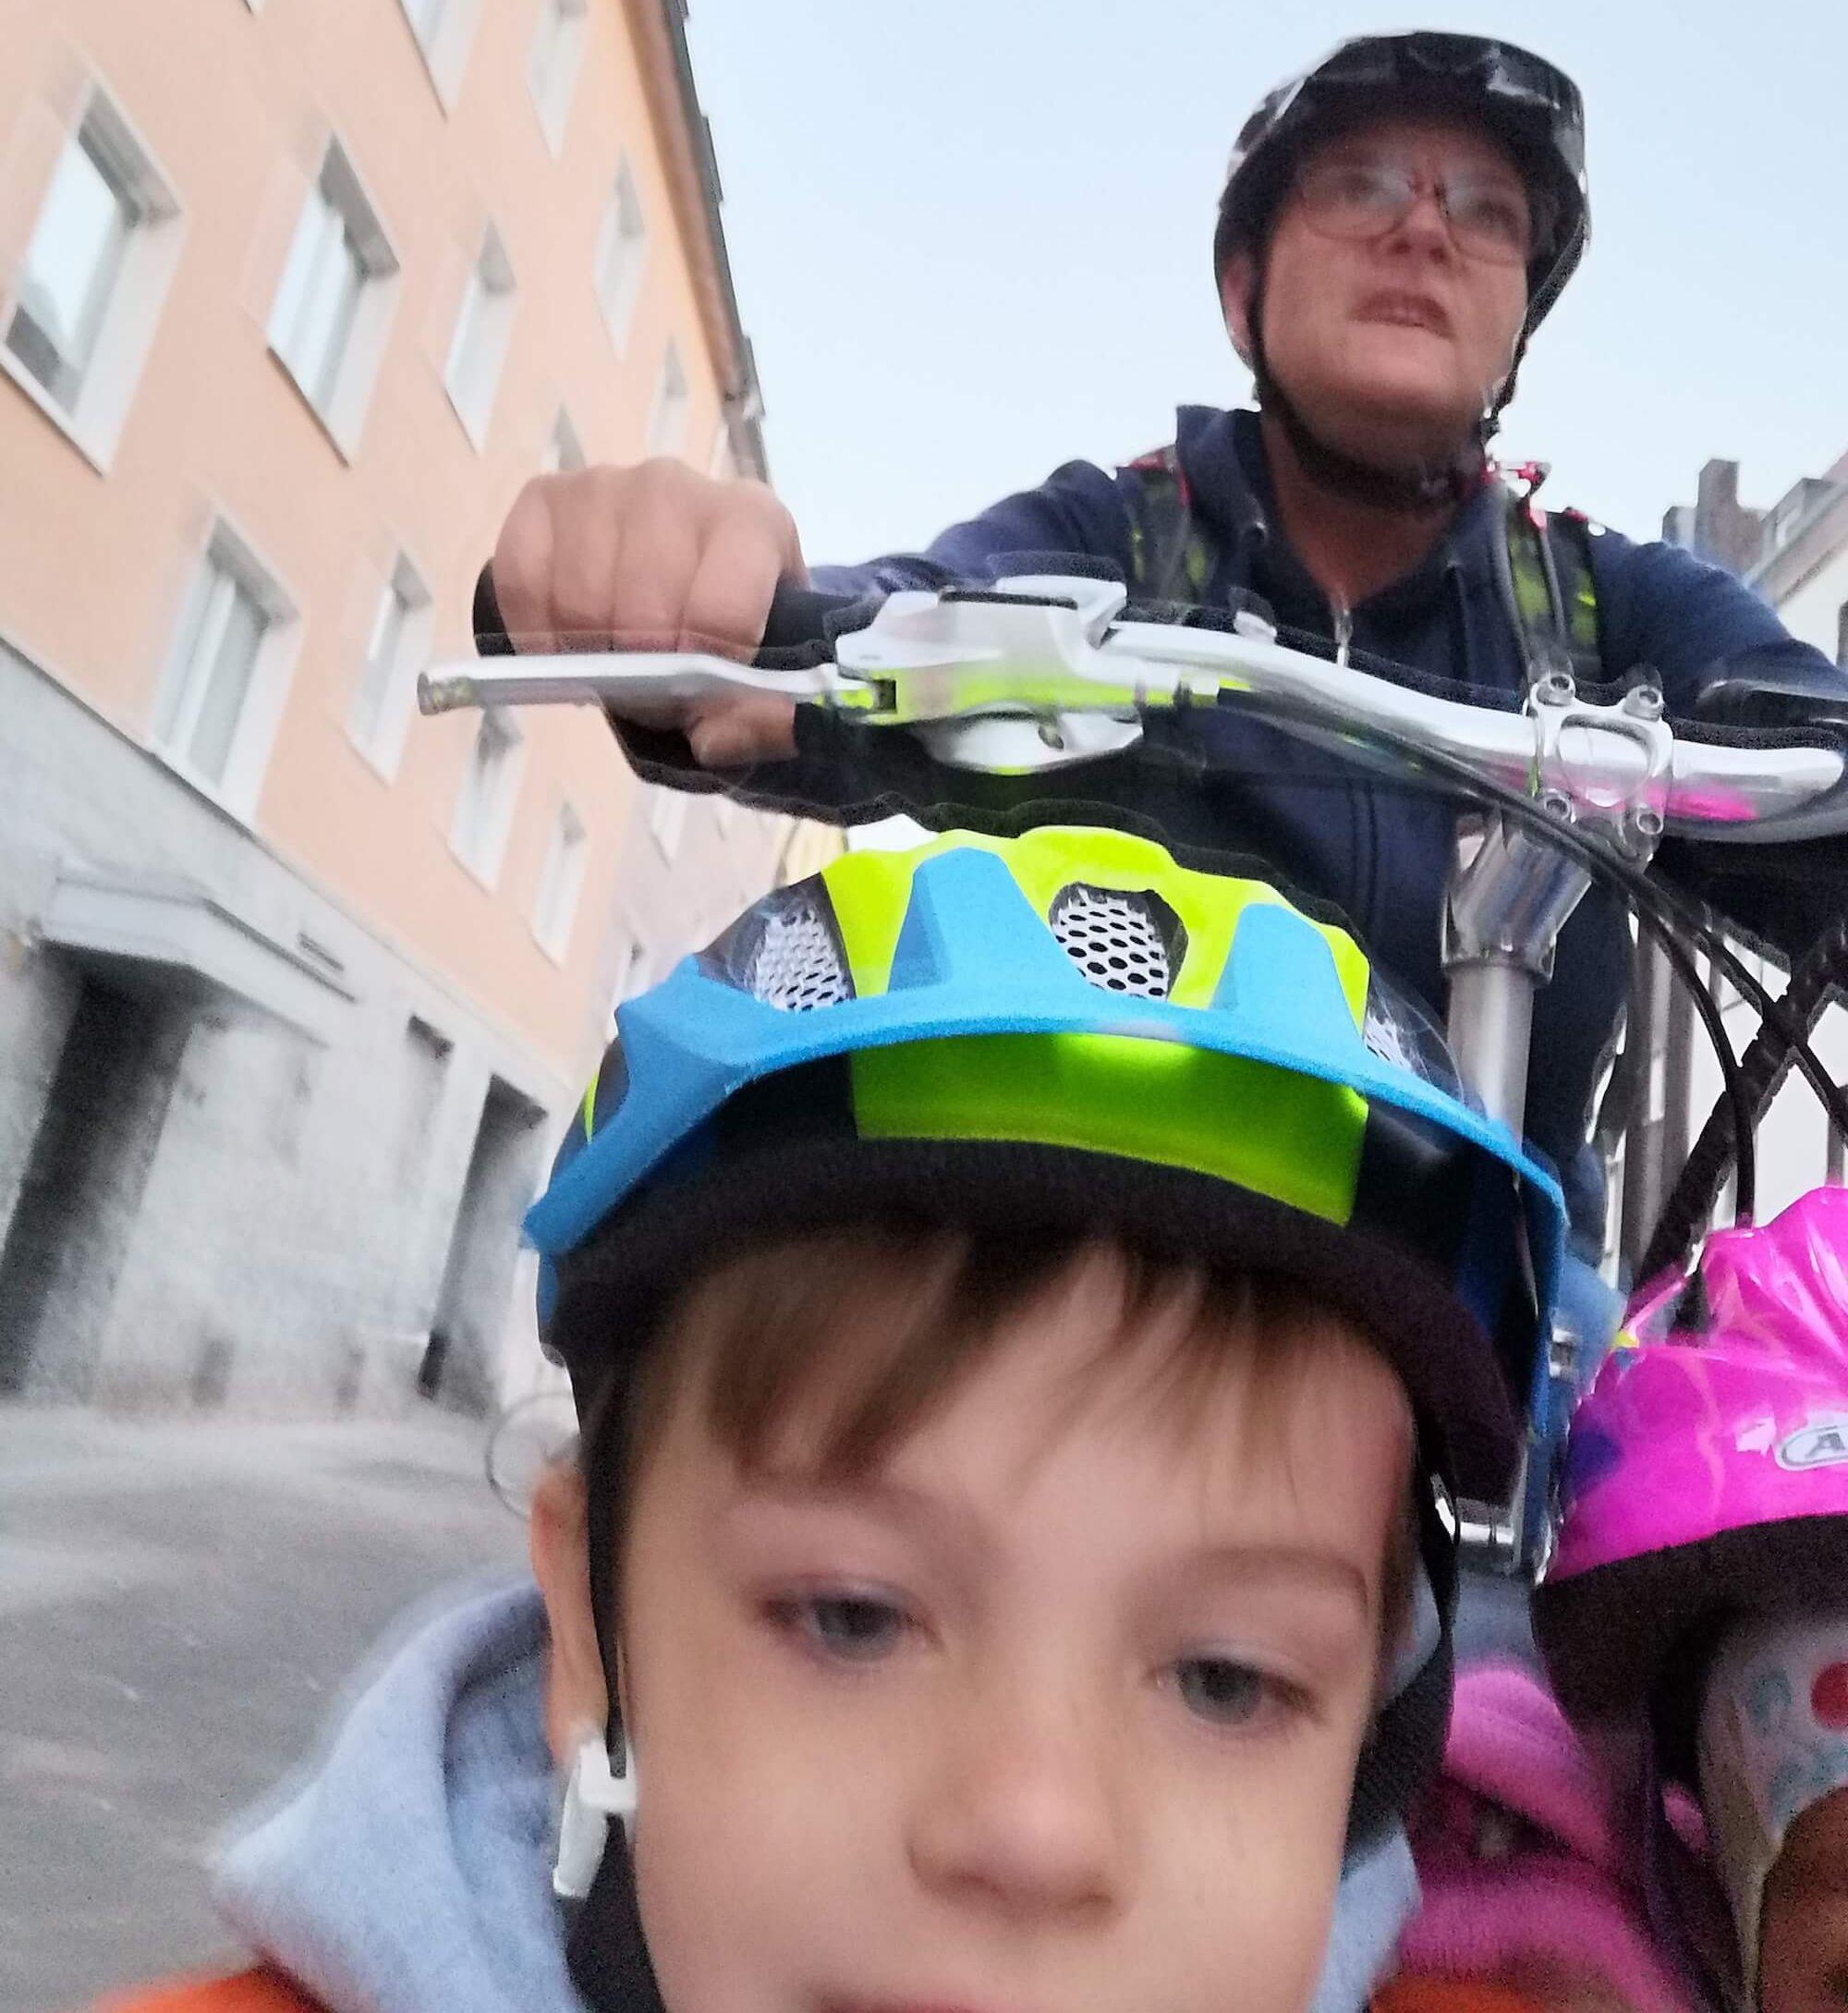 Selfie aus der Sicht eines Jungen, der im Kindersitz eines Lastenrads sitzt, auf dem Sattel sieht man im Hintergrund seine Mutter